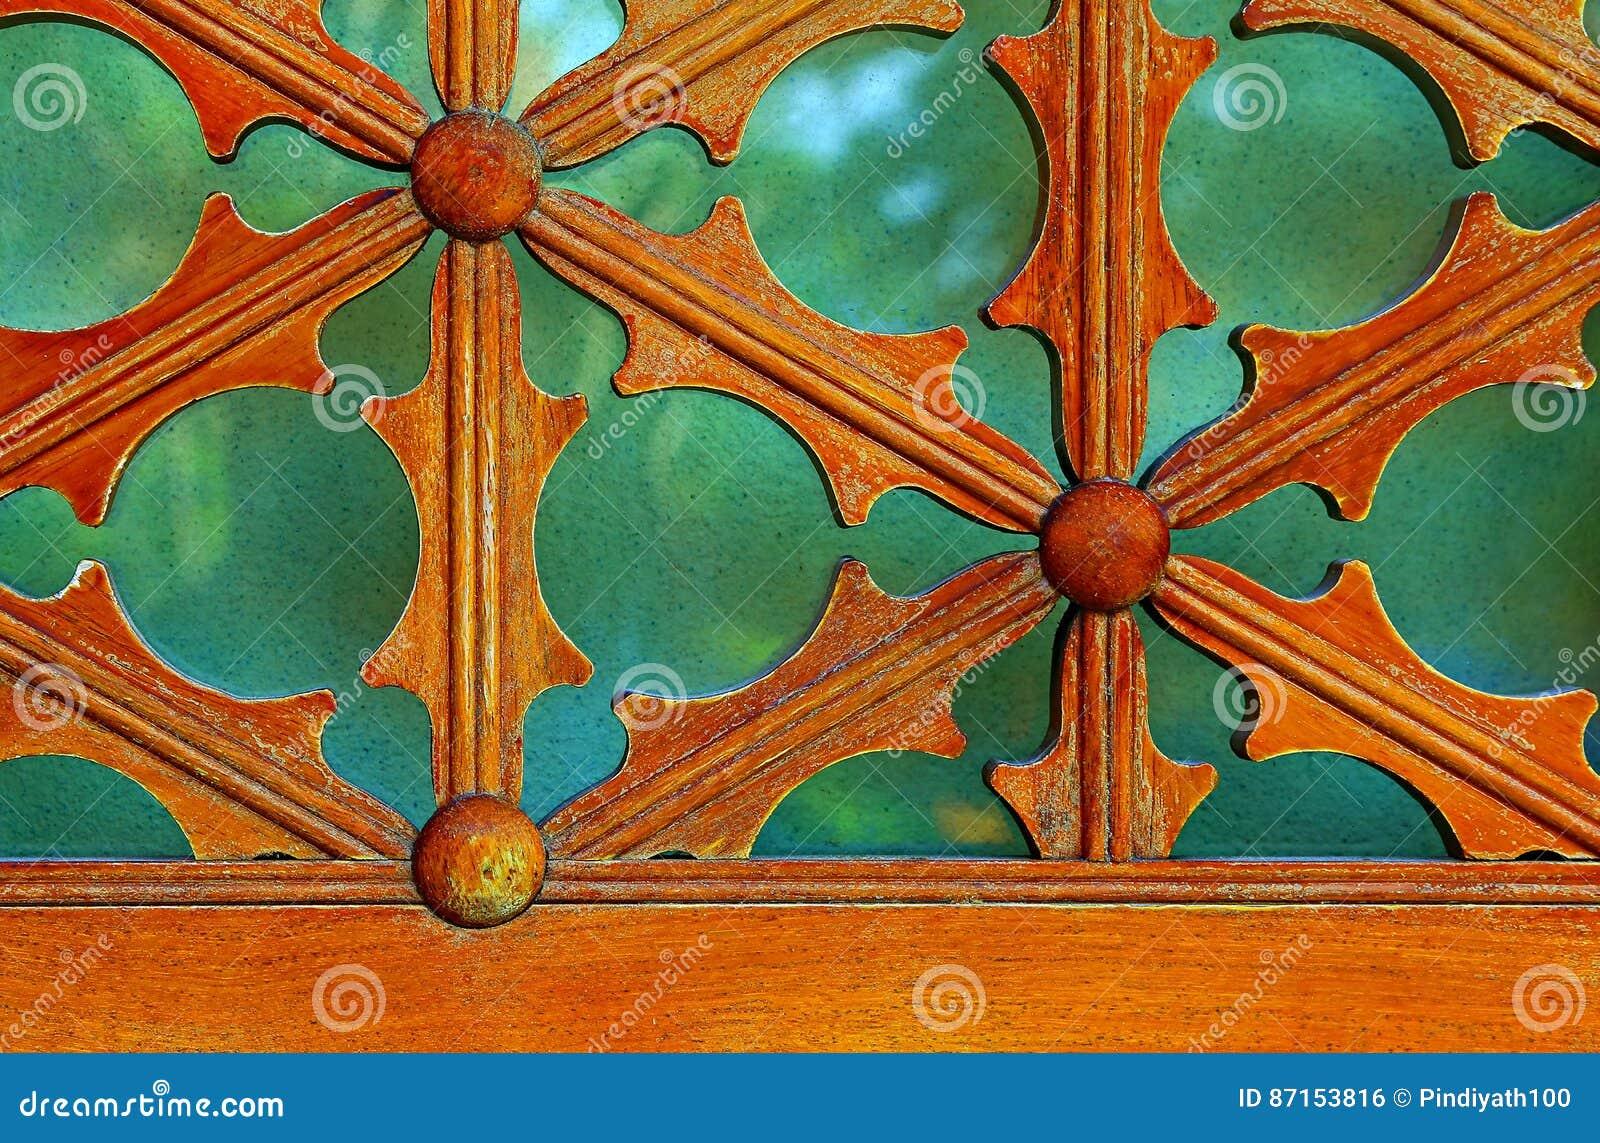 Vintage wooden window frame details.